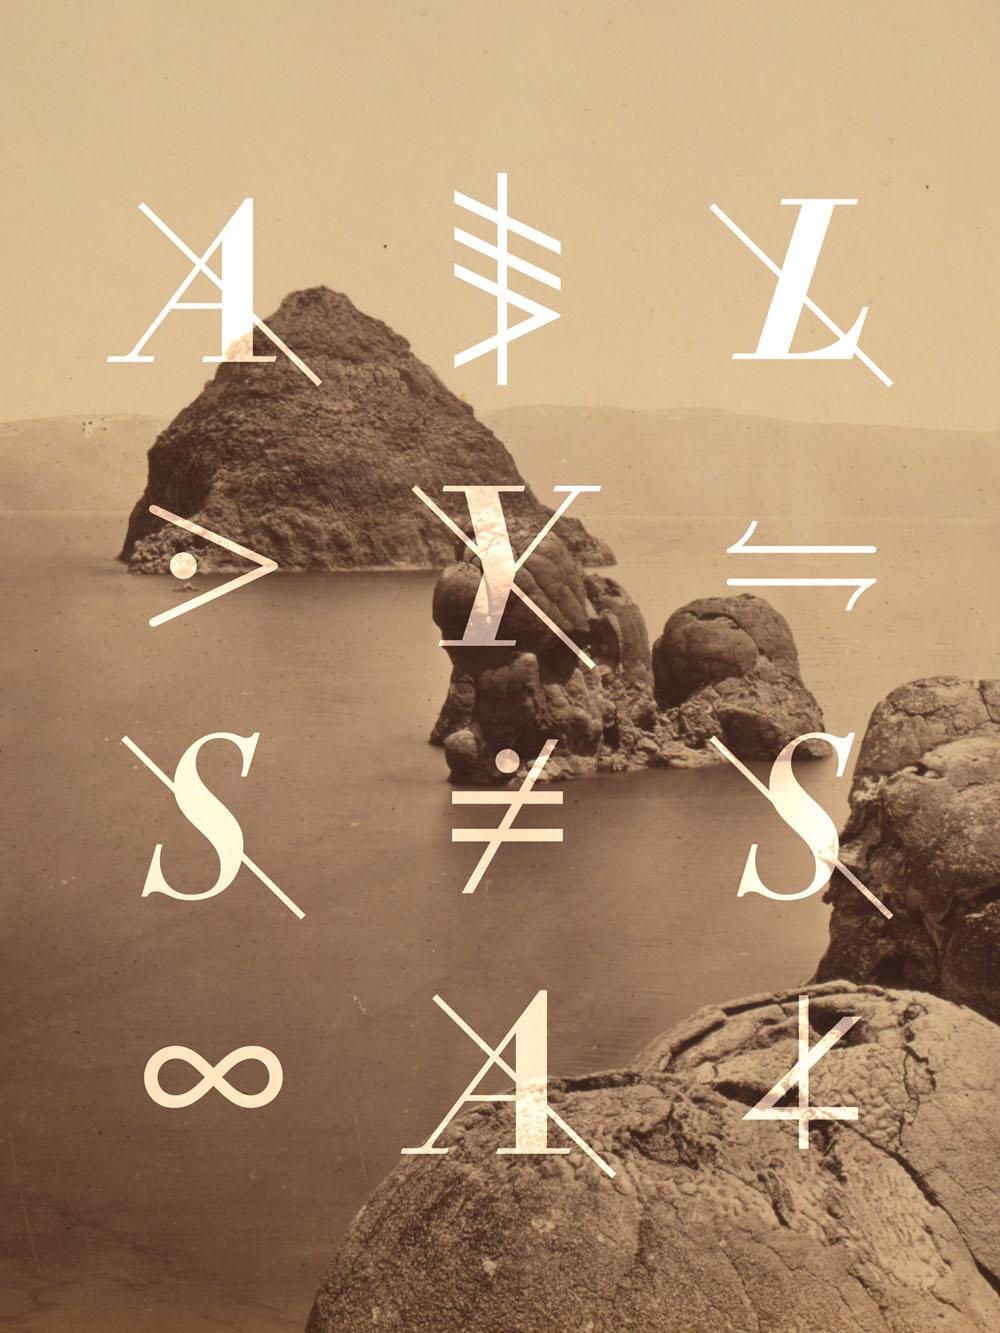 Luke-VanVoorhis-Print-Personal-Alyssa